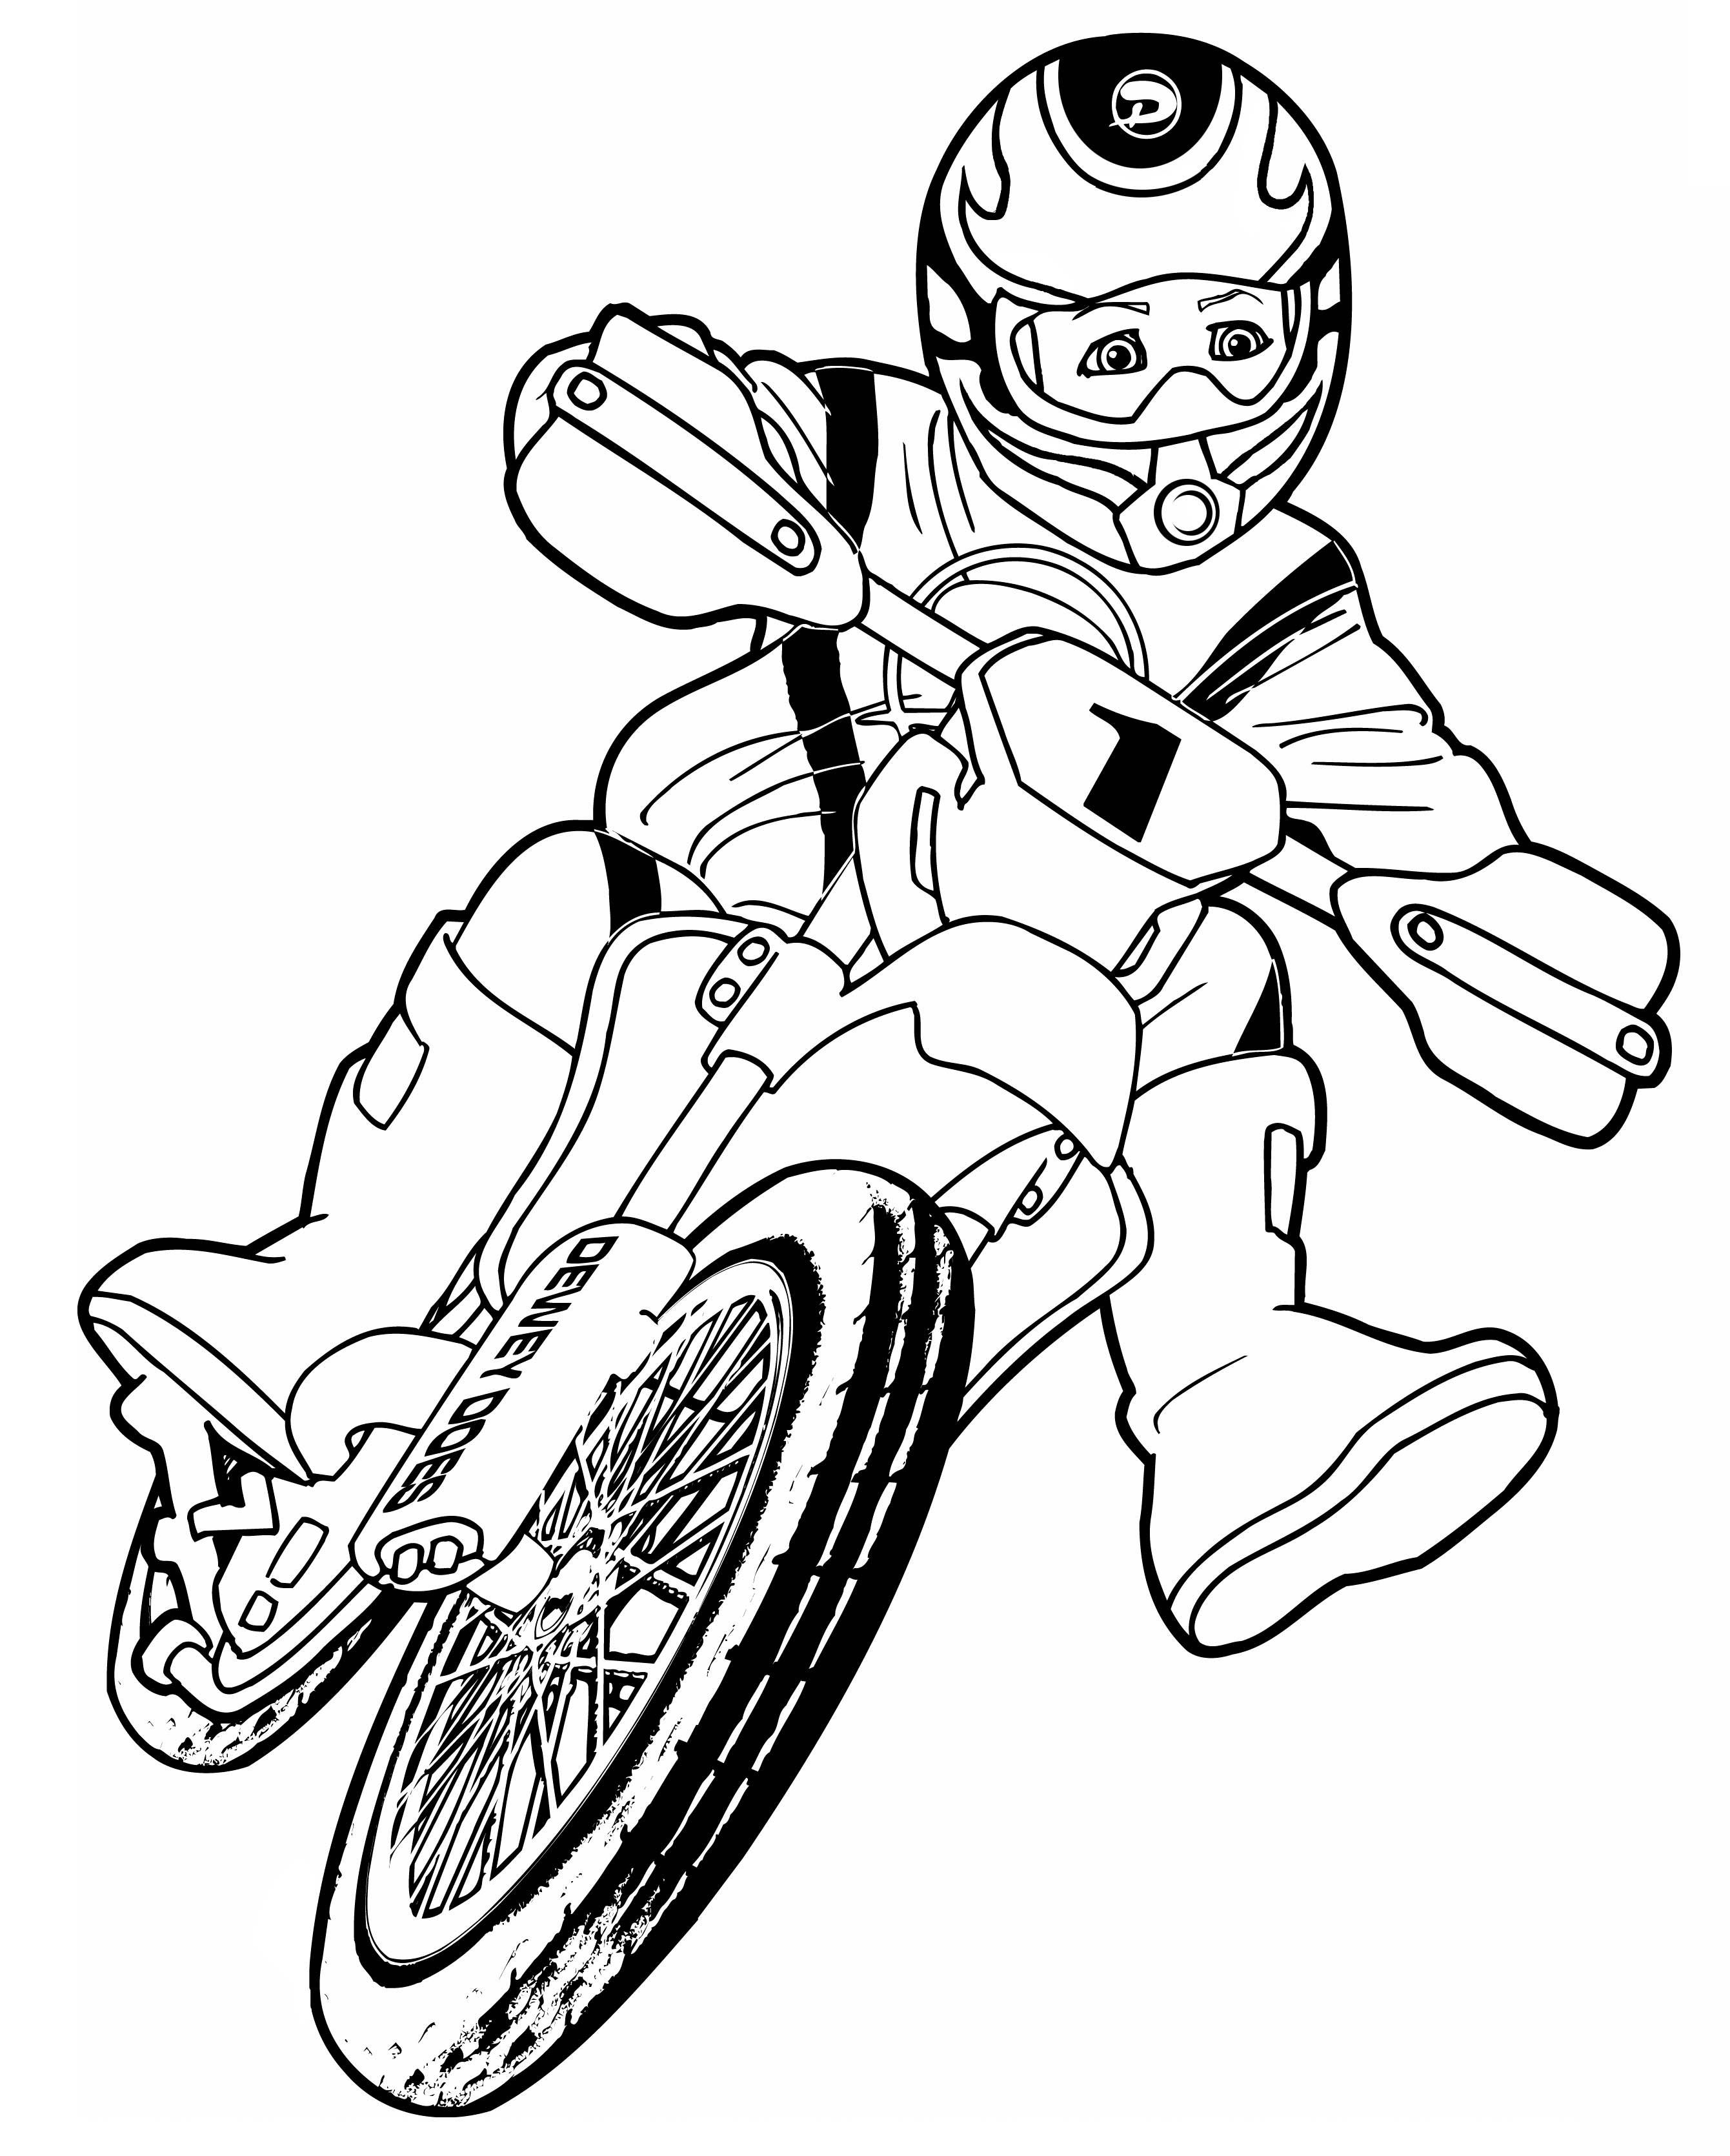 Erdmännchen Zum Ausmalen Neu Coloriage Moto Cross Motocross à Imprimer Galerie